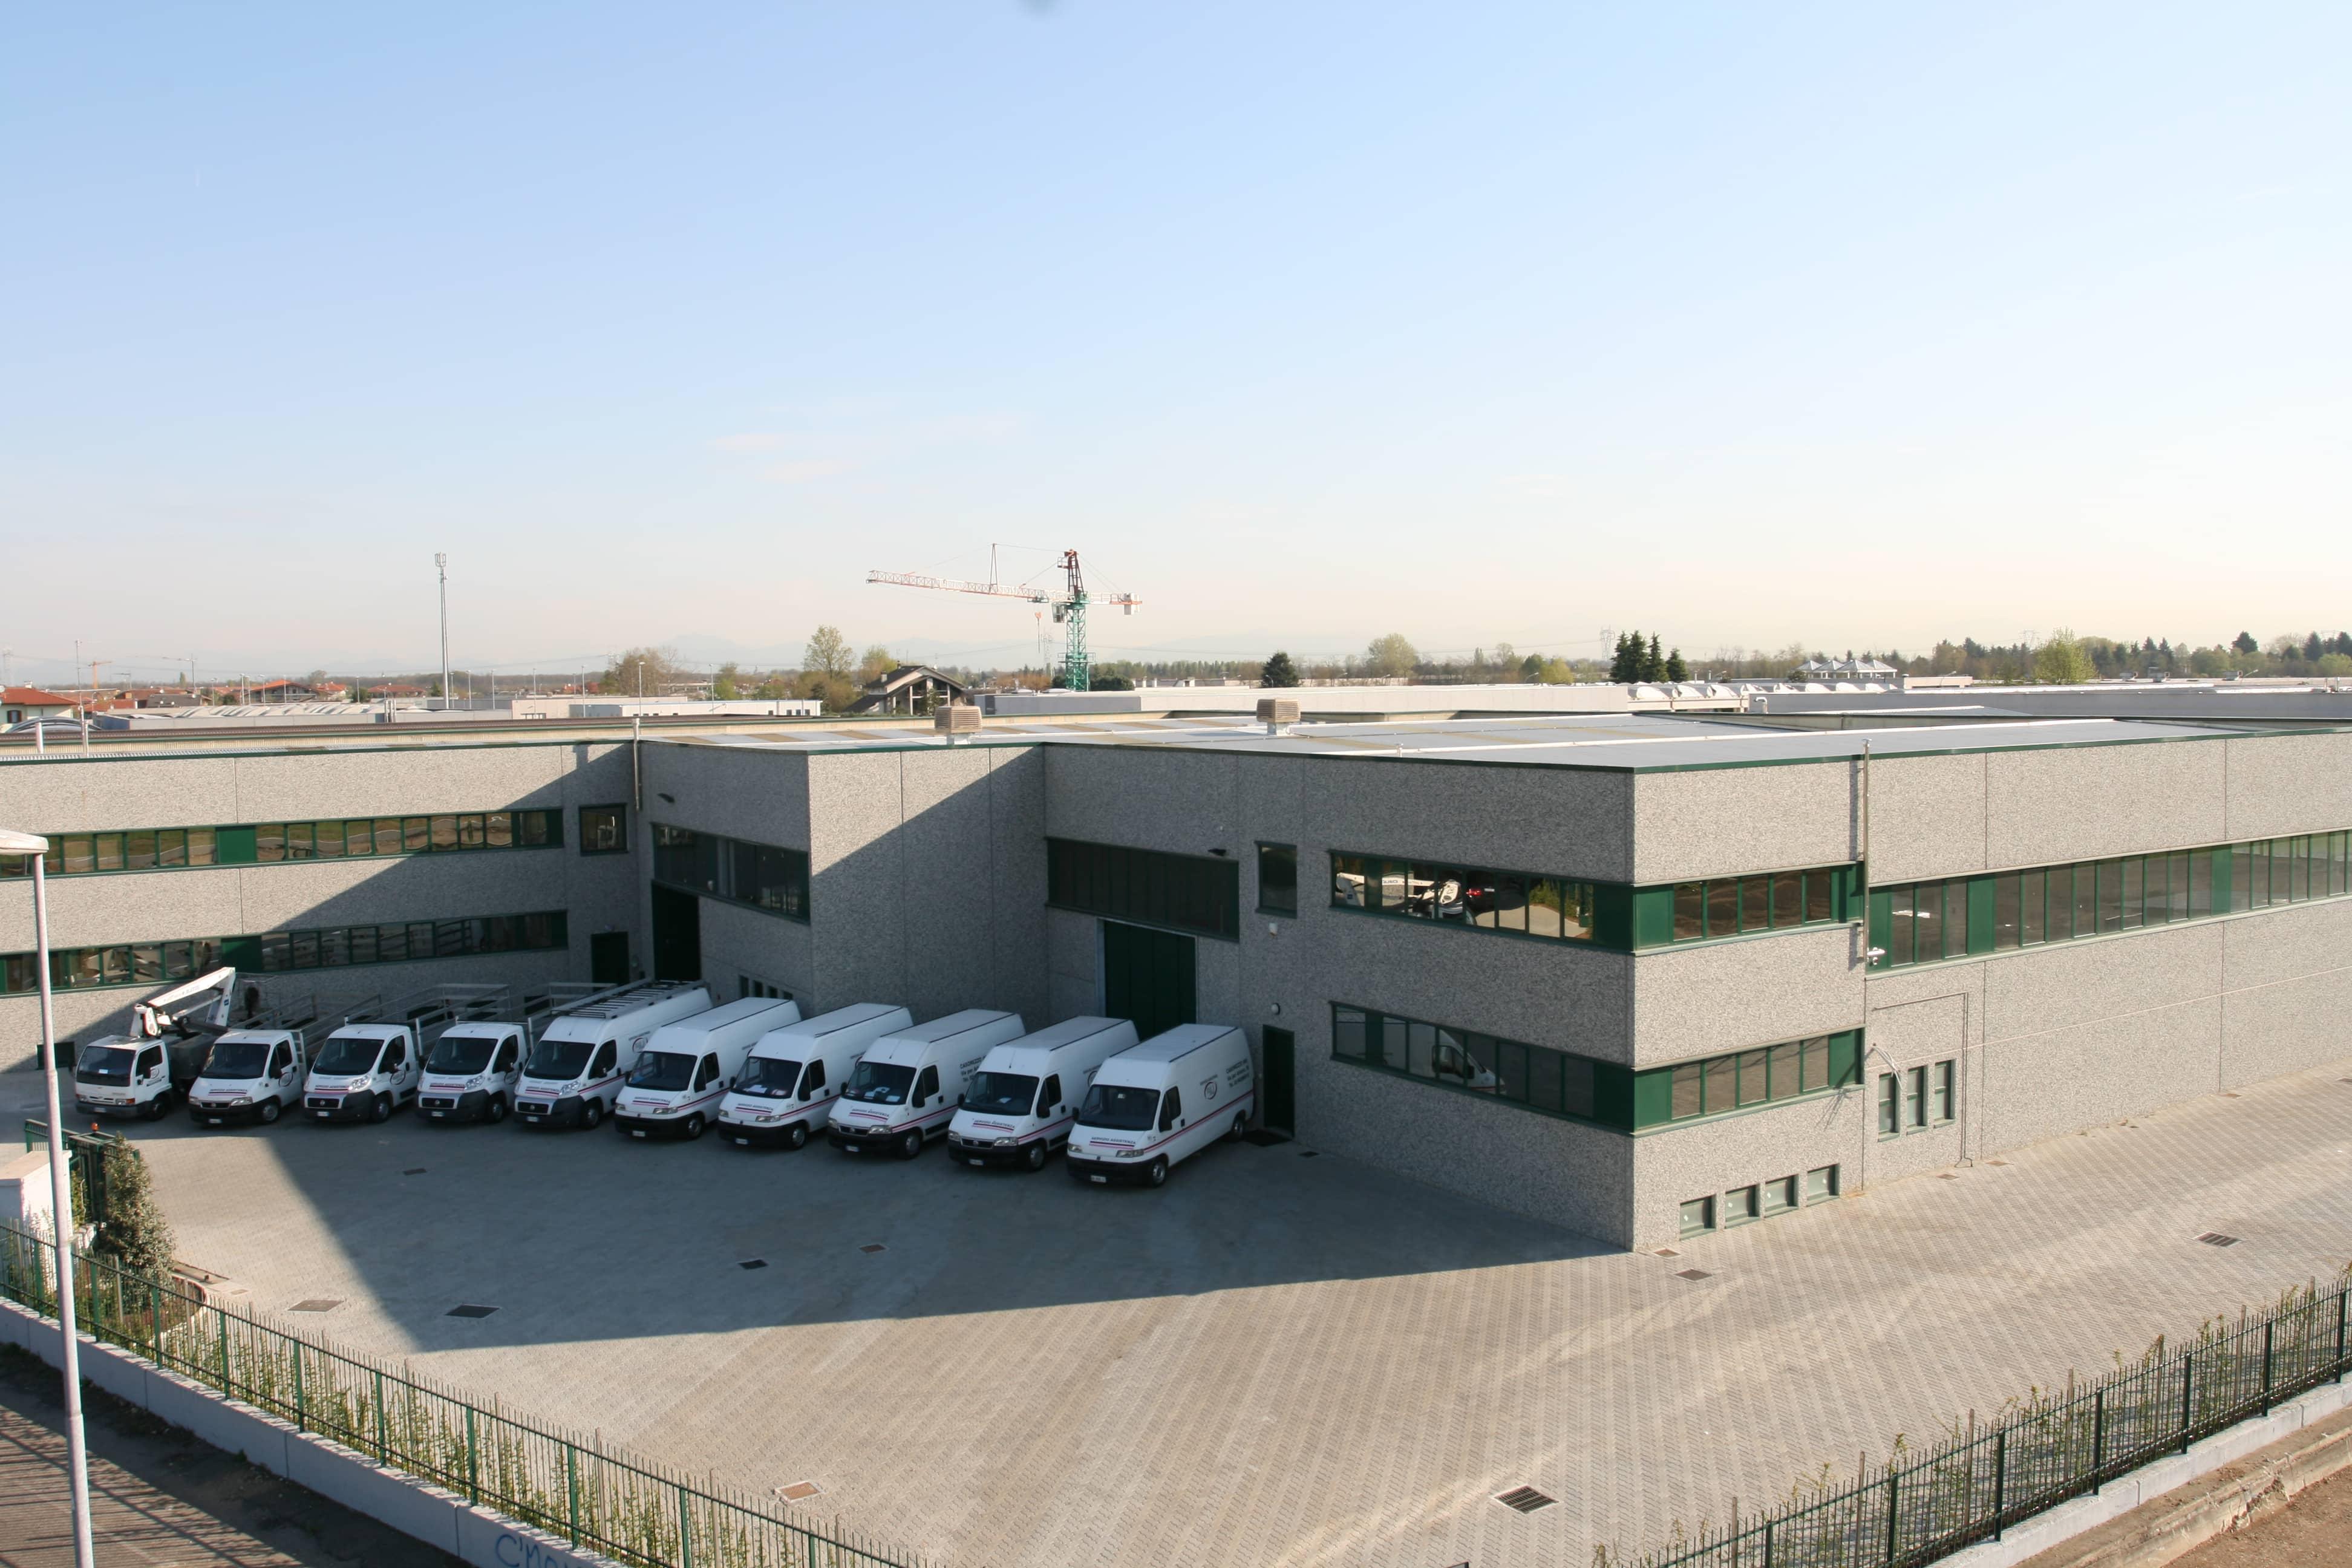 Manutenzione-impianti-industriali-veneto-emilia-romagna